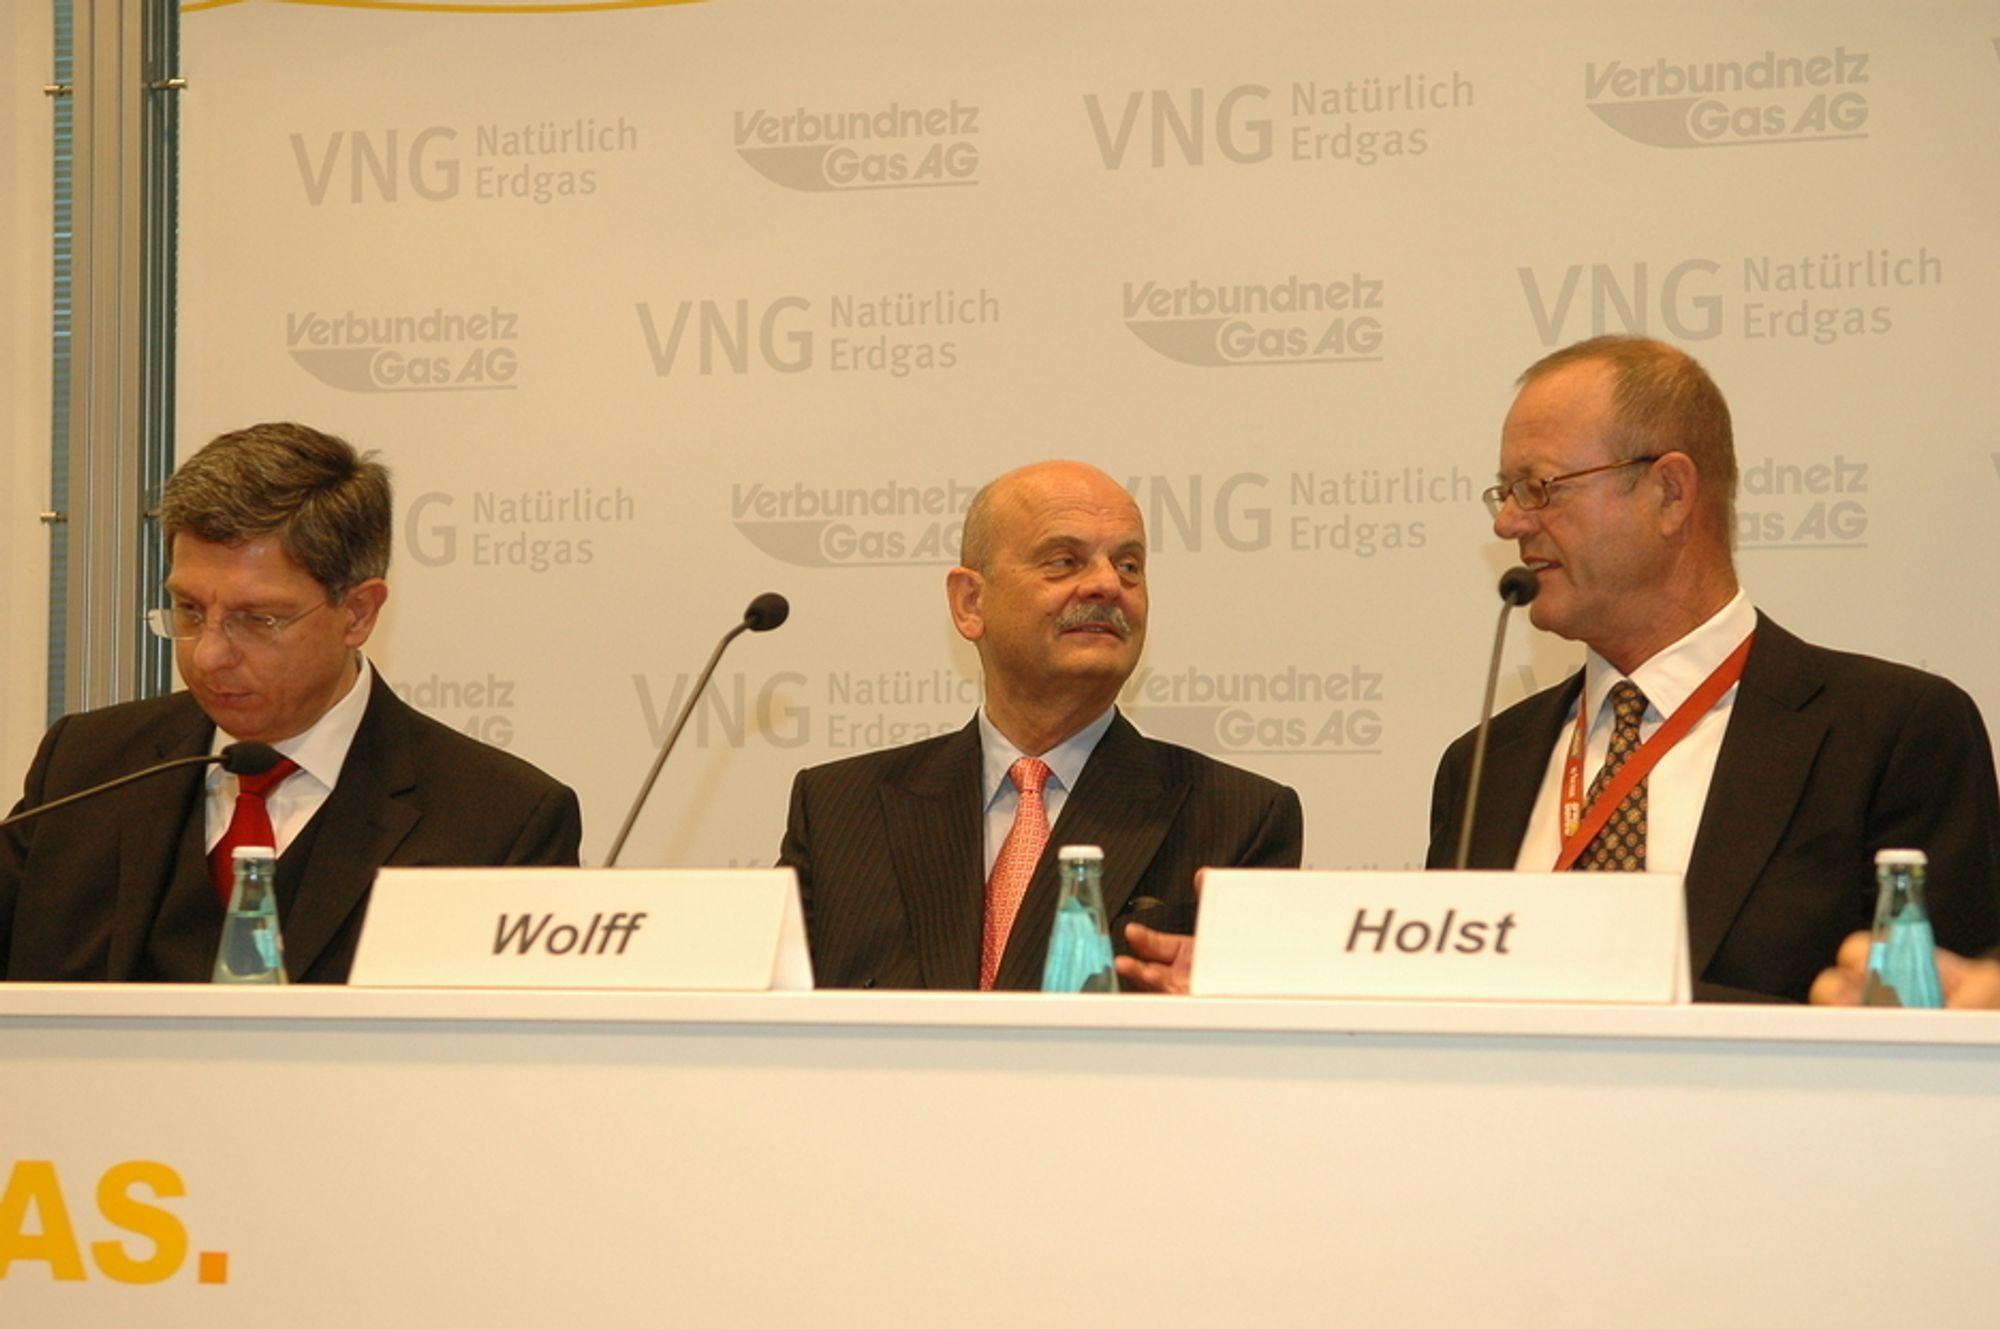 HENTER I NORGE: VNG har fått norsk gas siden 1996. Nå sikter ledelesen på flere eierandeler på norsk sokkel. Fra venstre Klaus - Dieter Barbknecht, viseadministrerende direktør Gerhardt Wolff og Klaus - Ewald Holst.